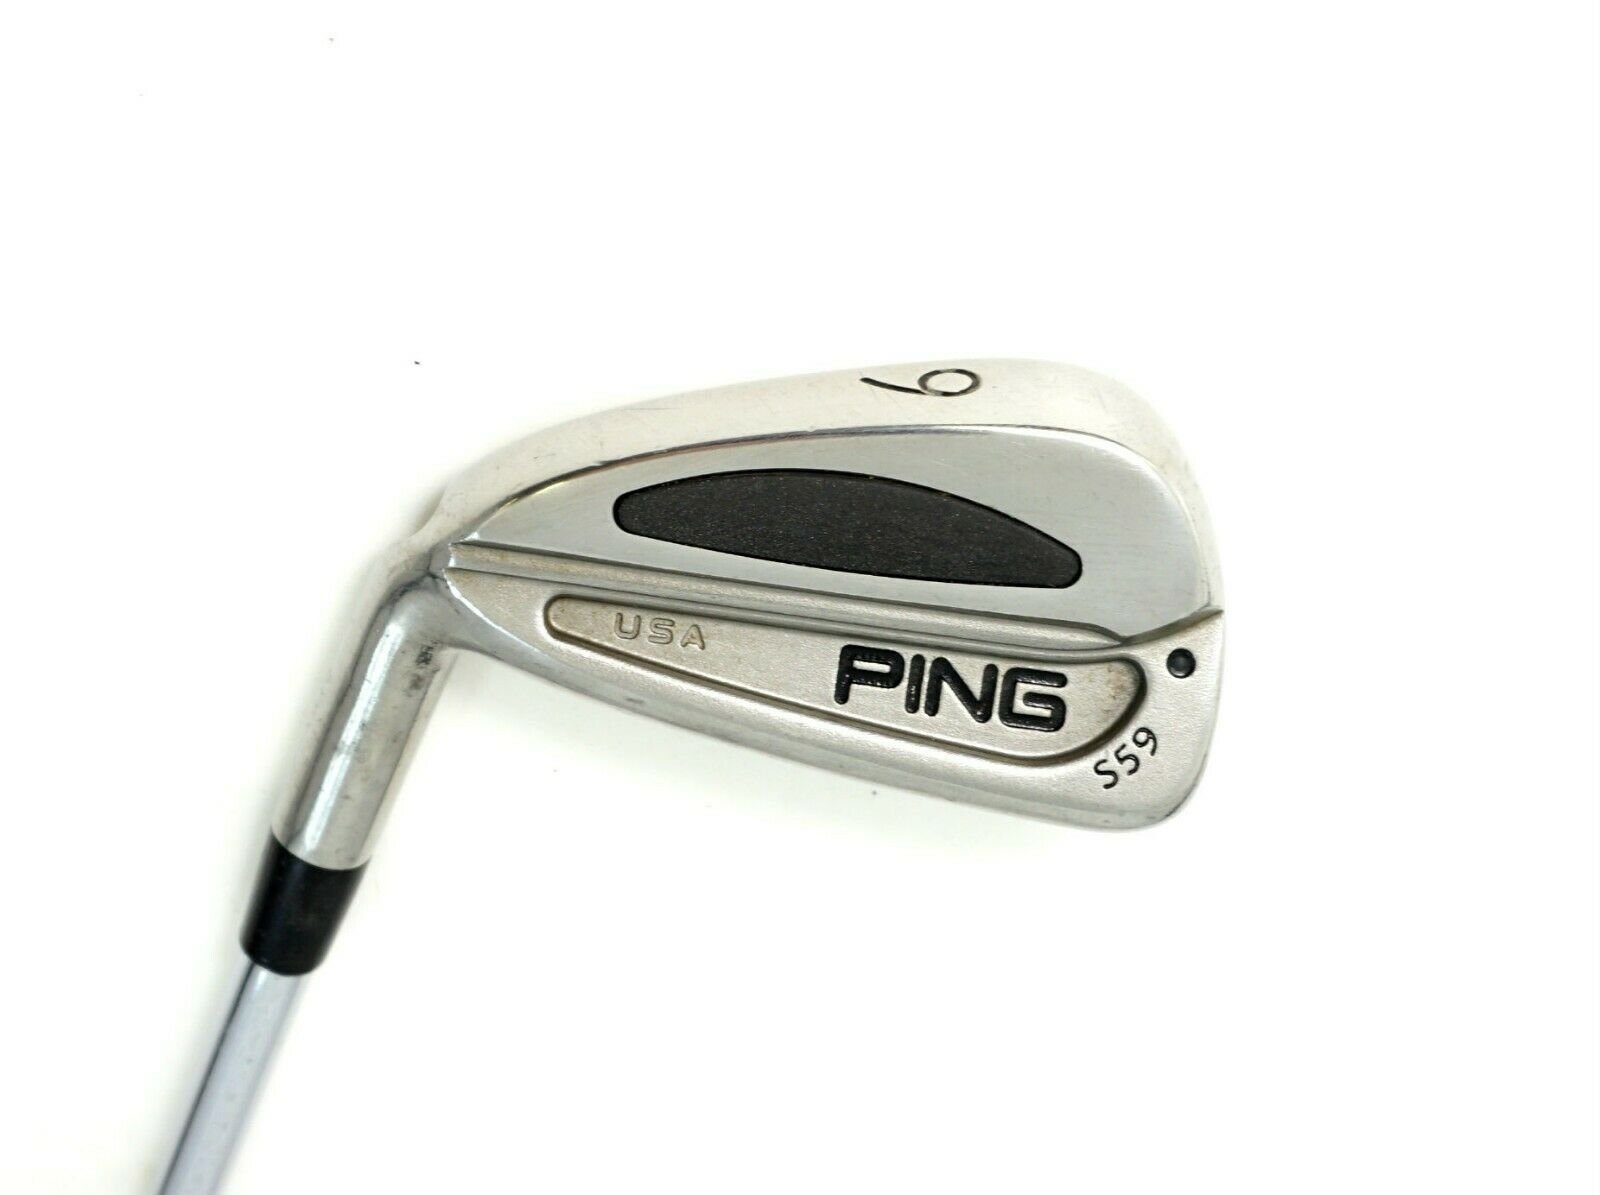 Zurdo  Ping S59 Punto Negro Hierro 6 Eje de acero rígido, empuñadura de Ping  muchas sorpresas